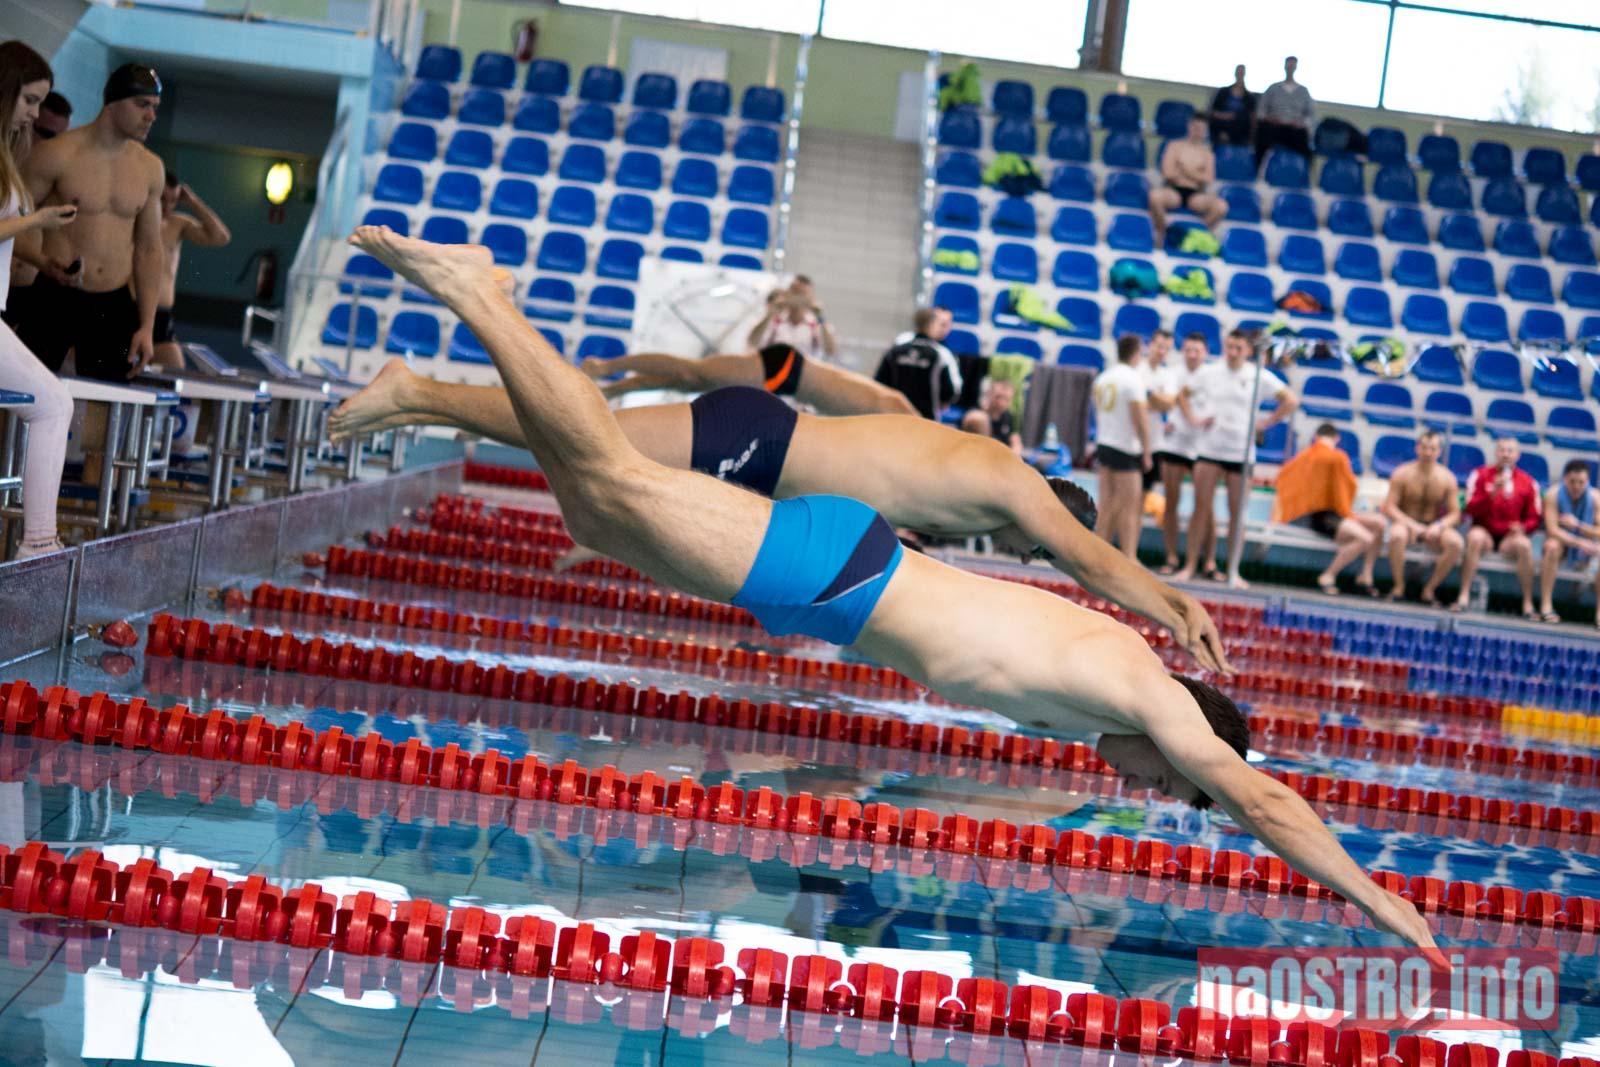 NaOSTRO pływackie zawody strażaków-31